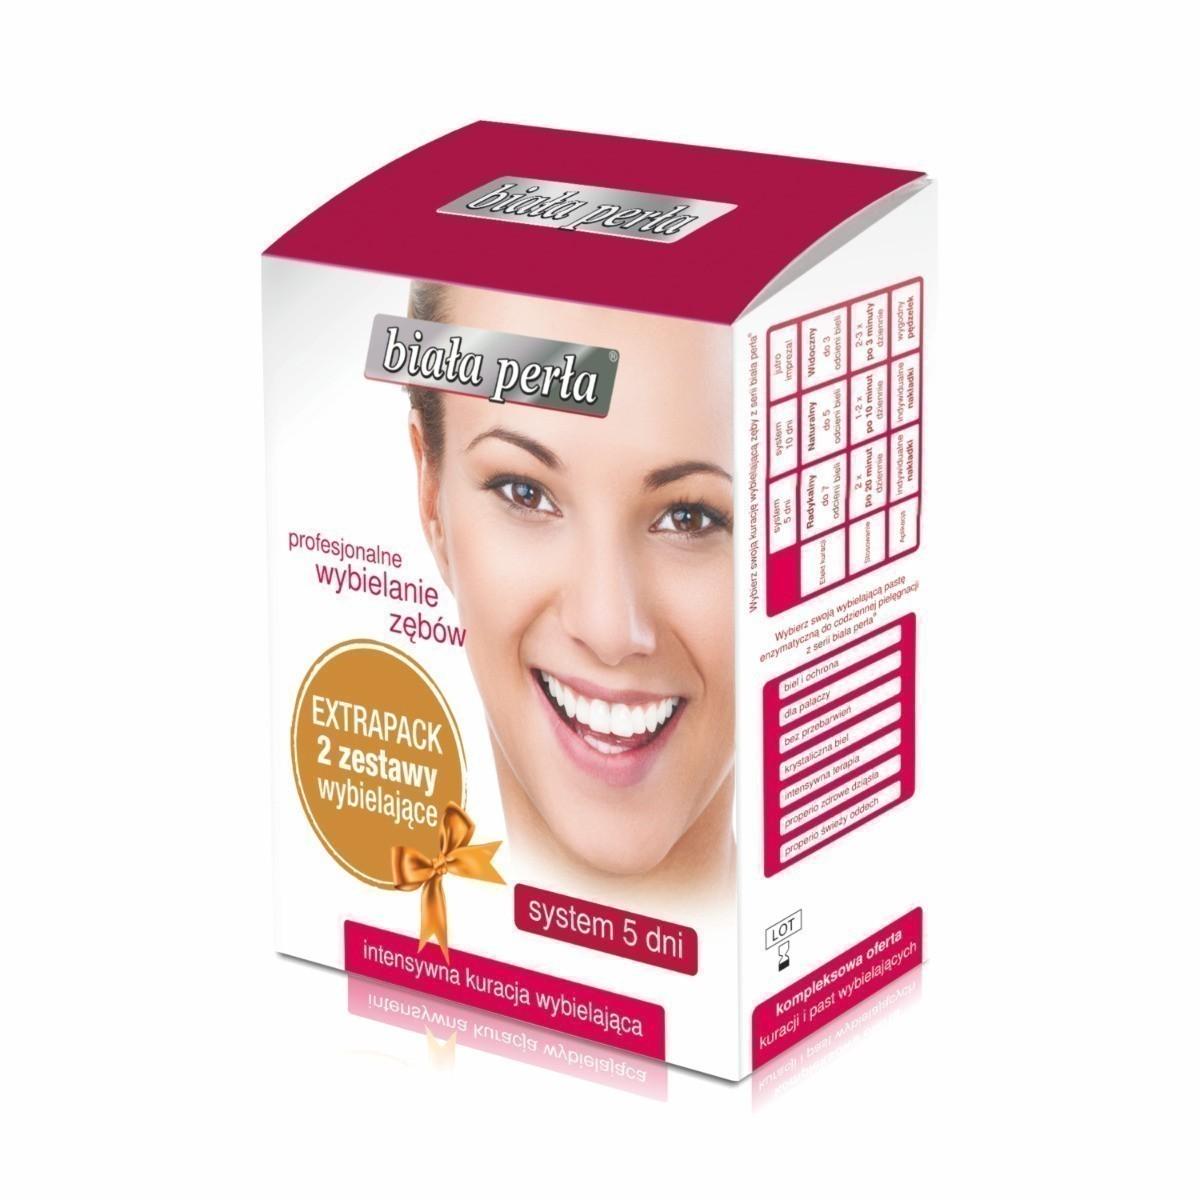 Biała Perła System 5 dni - Extrapack, 2 zestawy wybielające